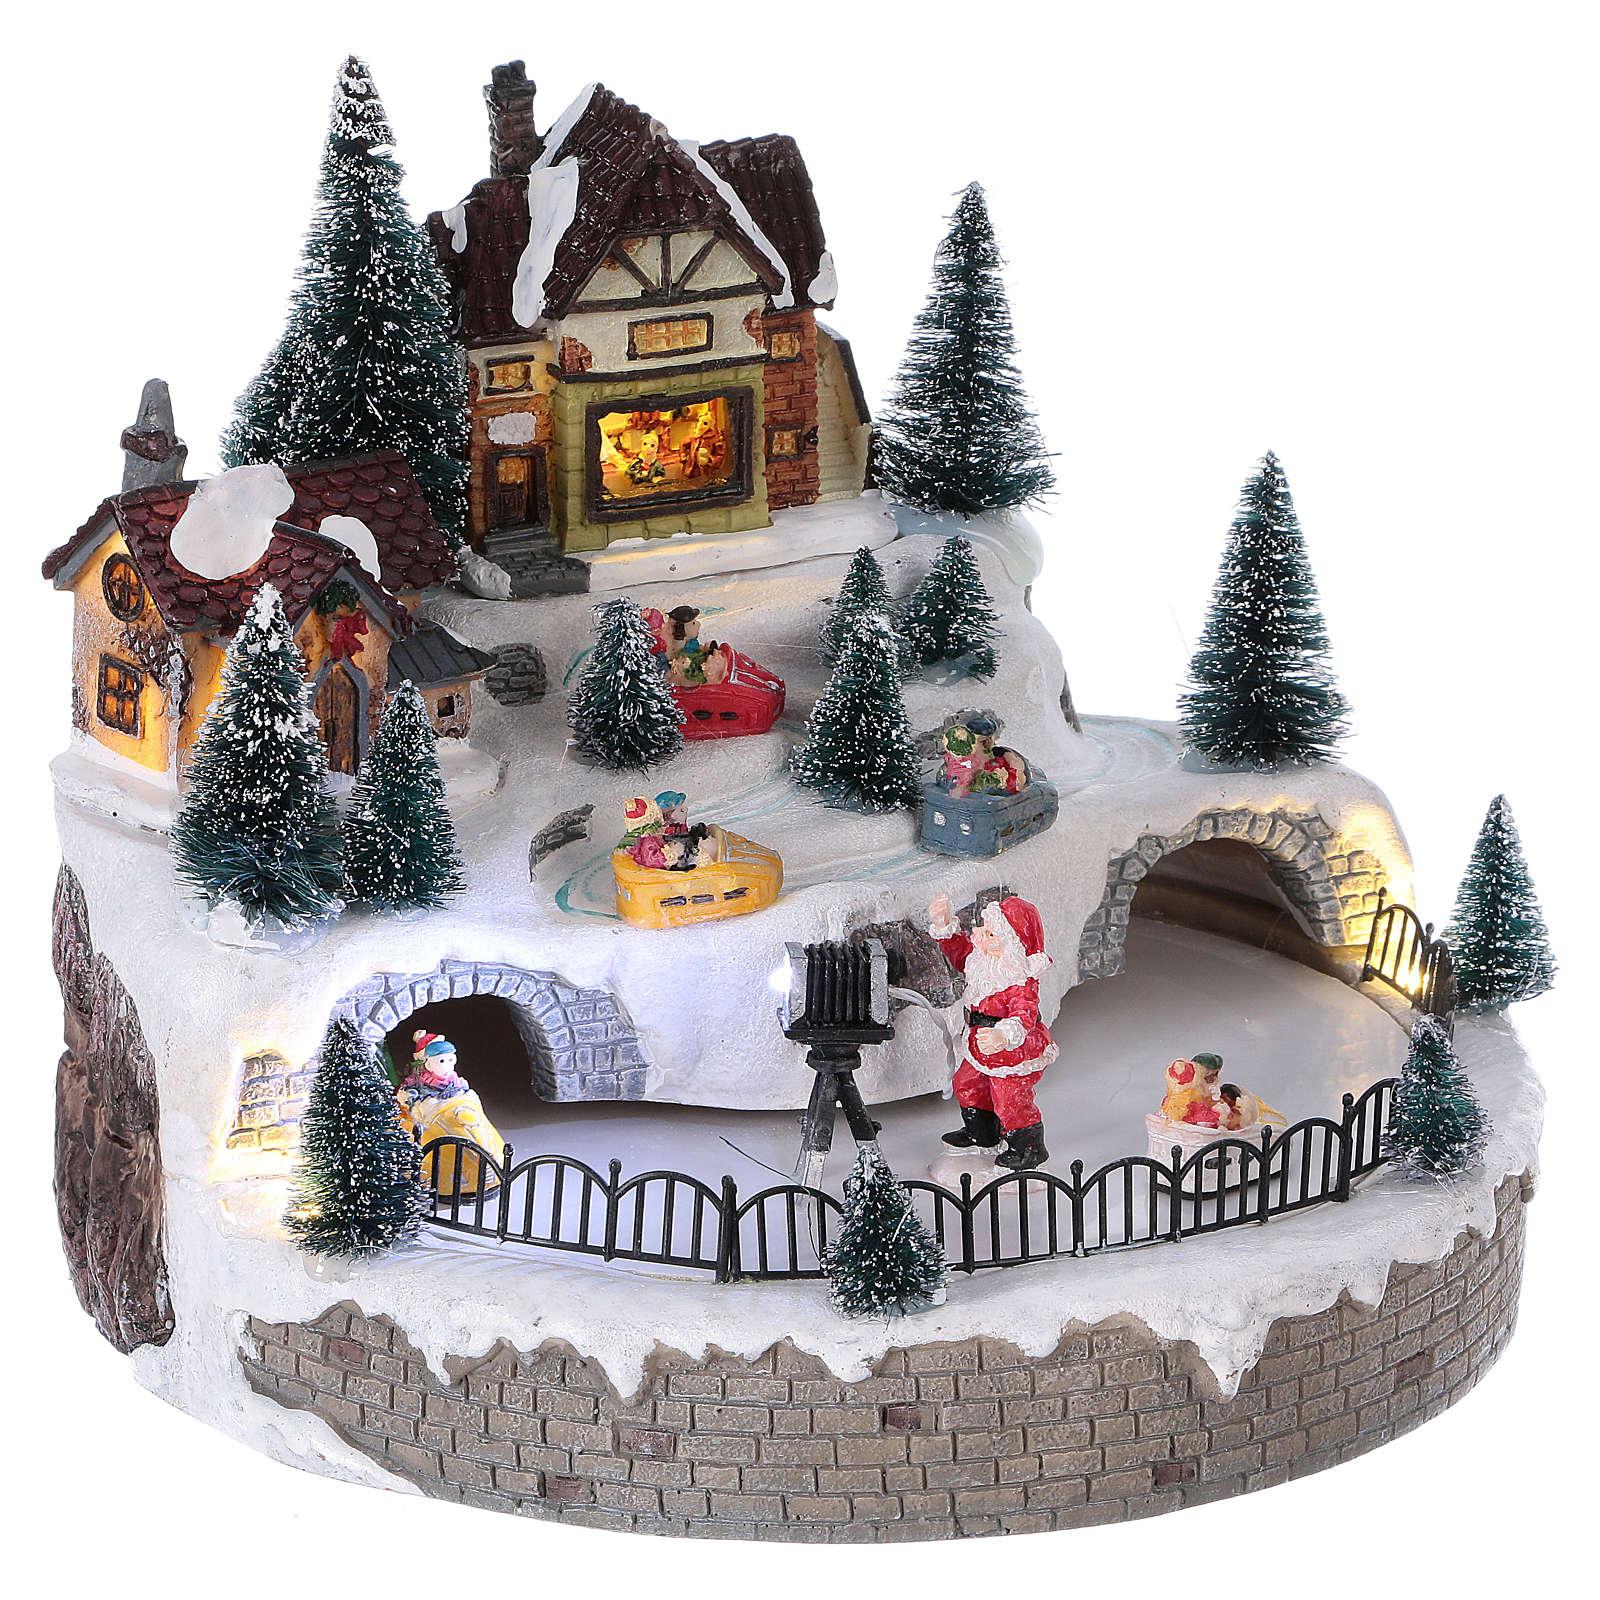 Immagini Natale Movimento.Villaggio Natalizio Babbo Natale Luci Movimento Musica 20x25x25 Cm Corrente